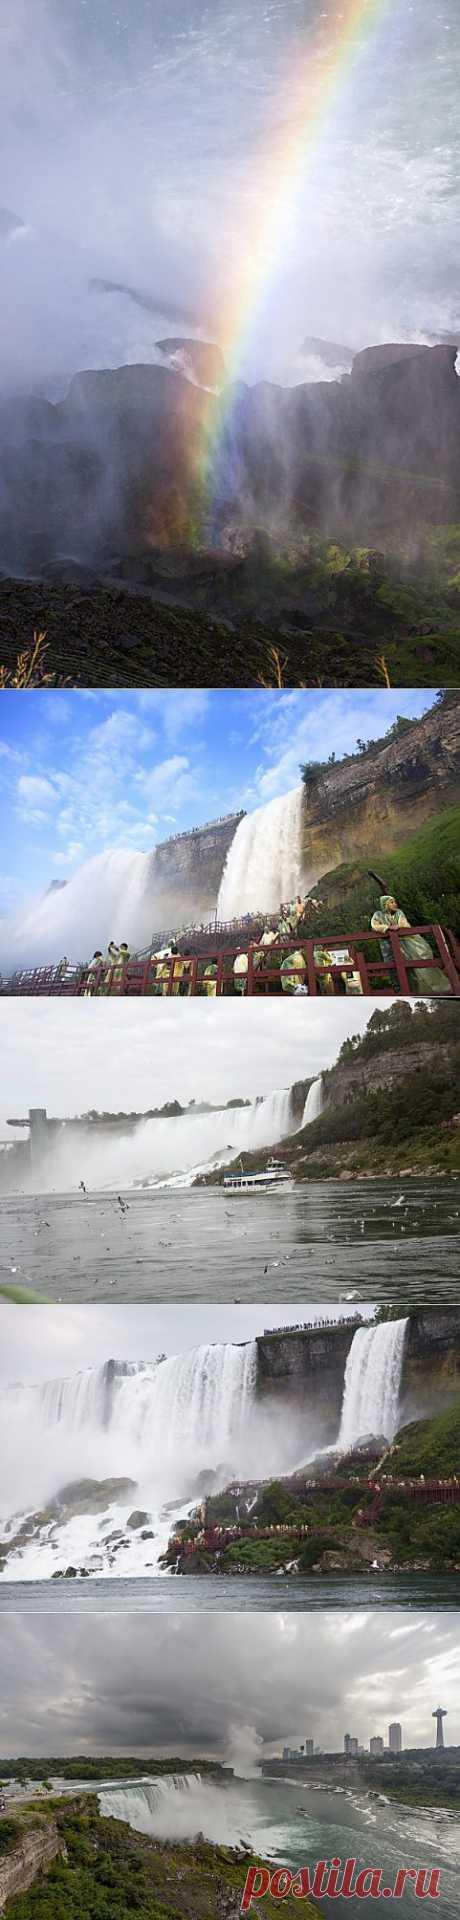 (+1) тема - Удивительные фотографии Ниагарского водопада   Улетные картинки